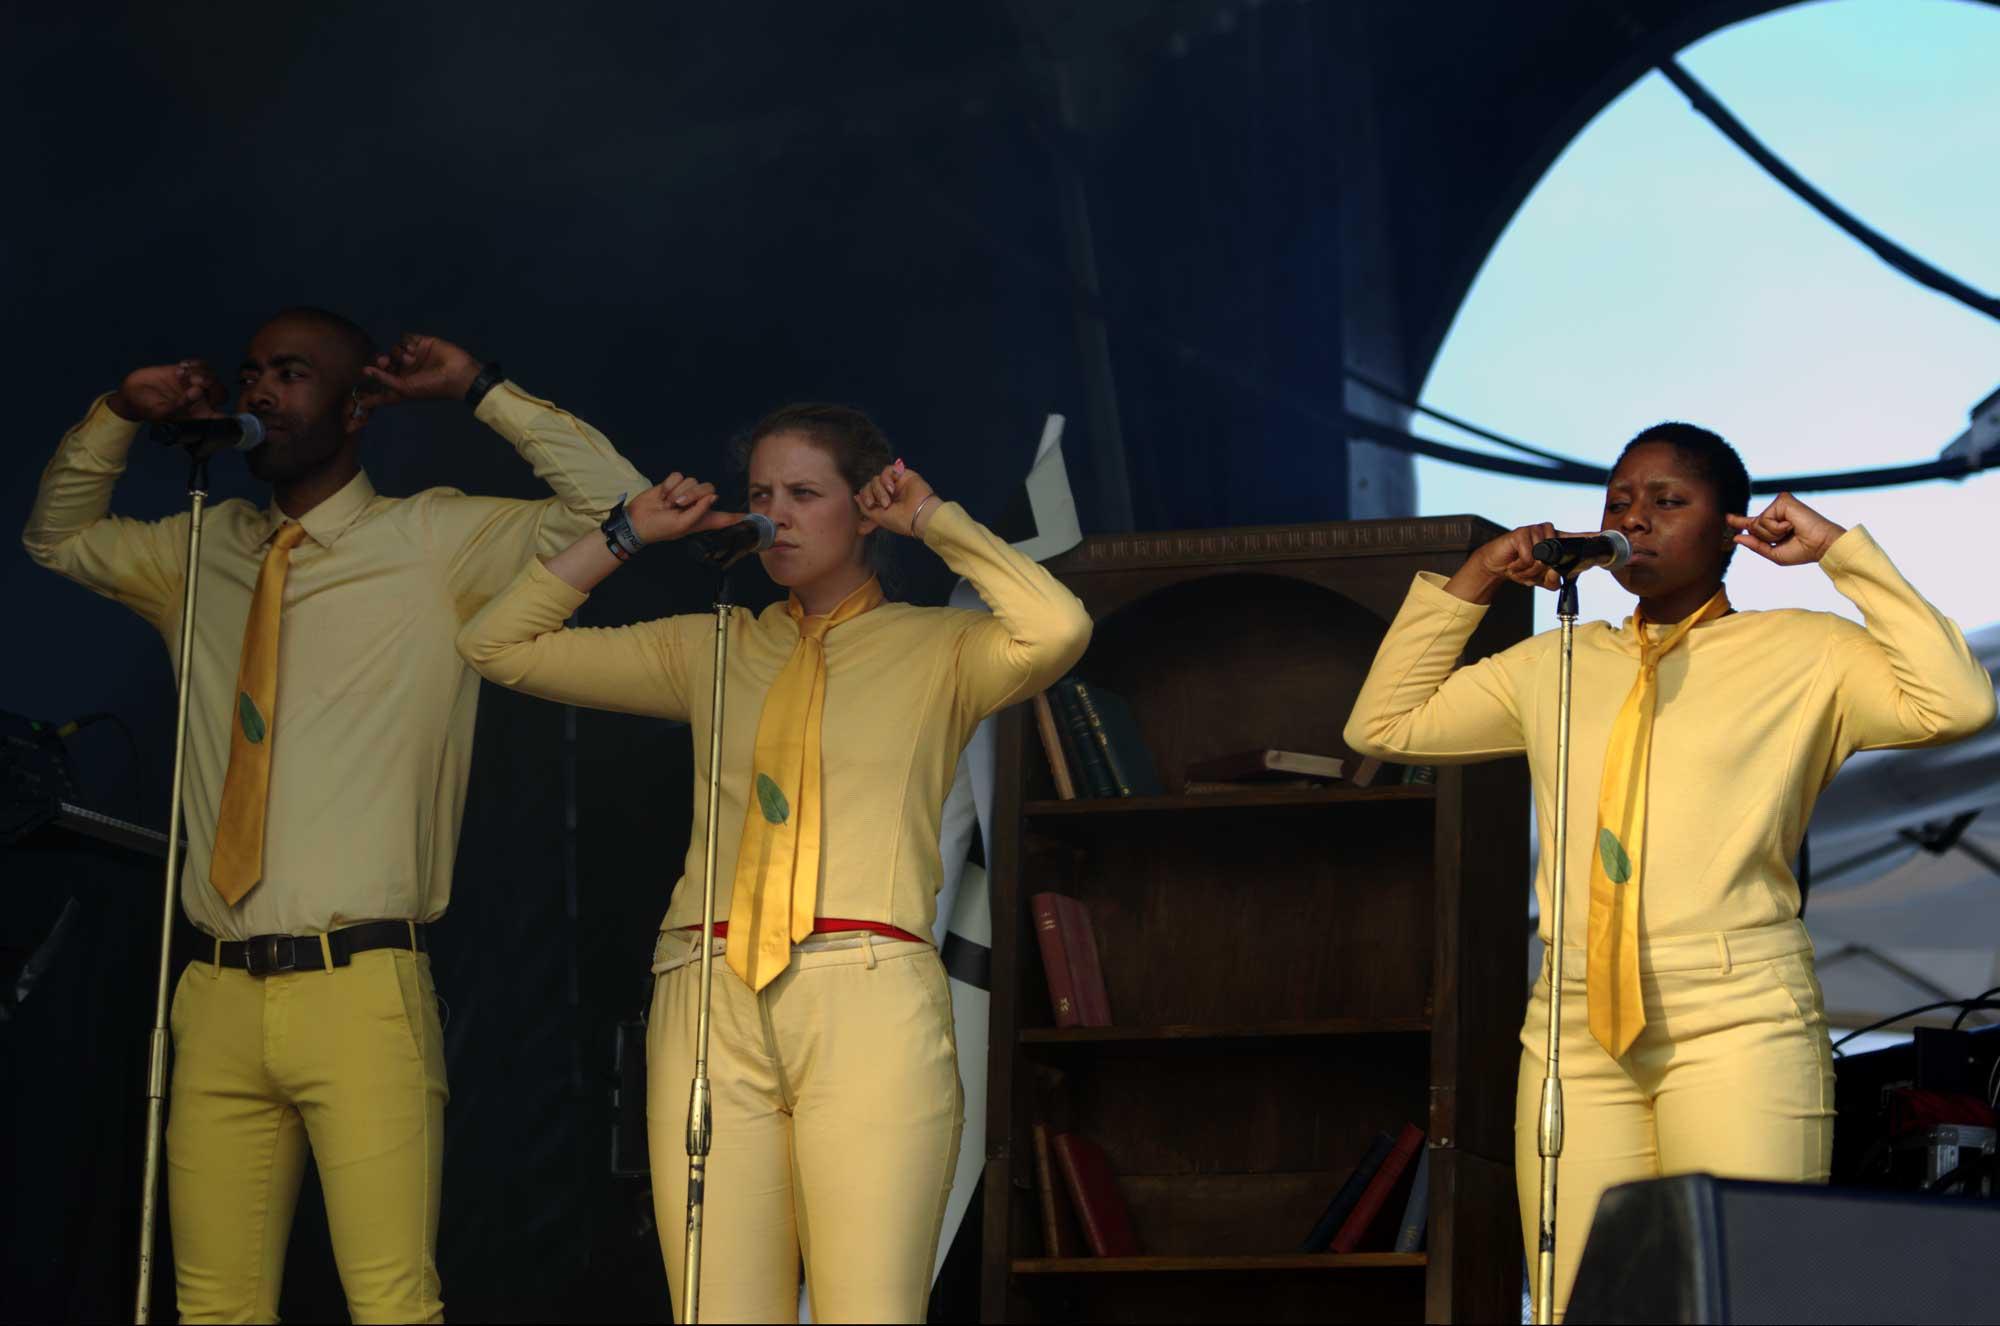 Un cor de tres persones simbolitzava, al concert d'Esperanza Spalding al festival Cruïlla 2016, les tradicions i costums que lliguen la llibertat individual. Poc després, el cor ha començat a ballar entre el públic del festival.